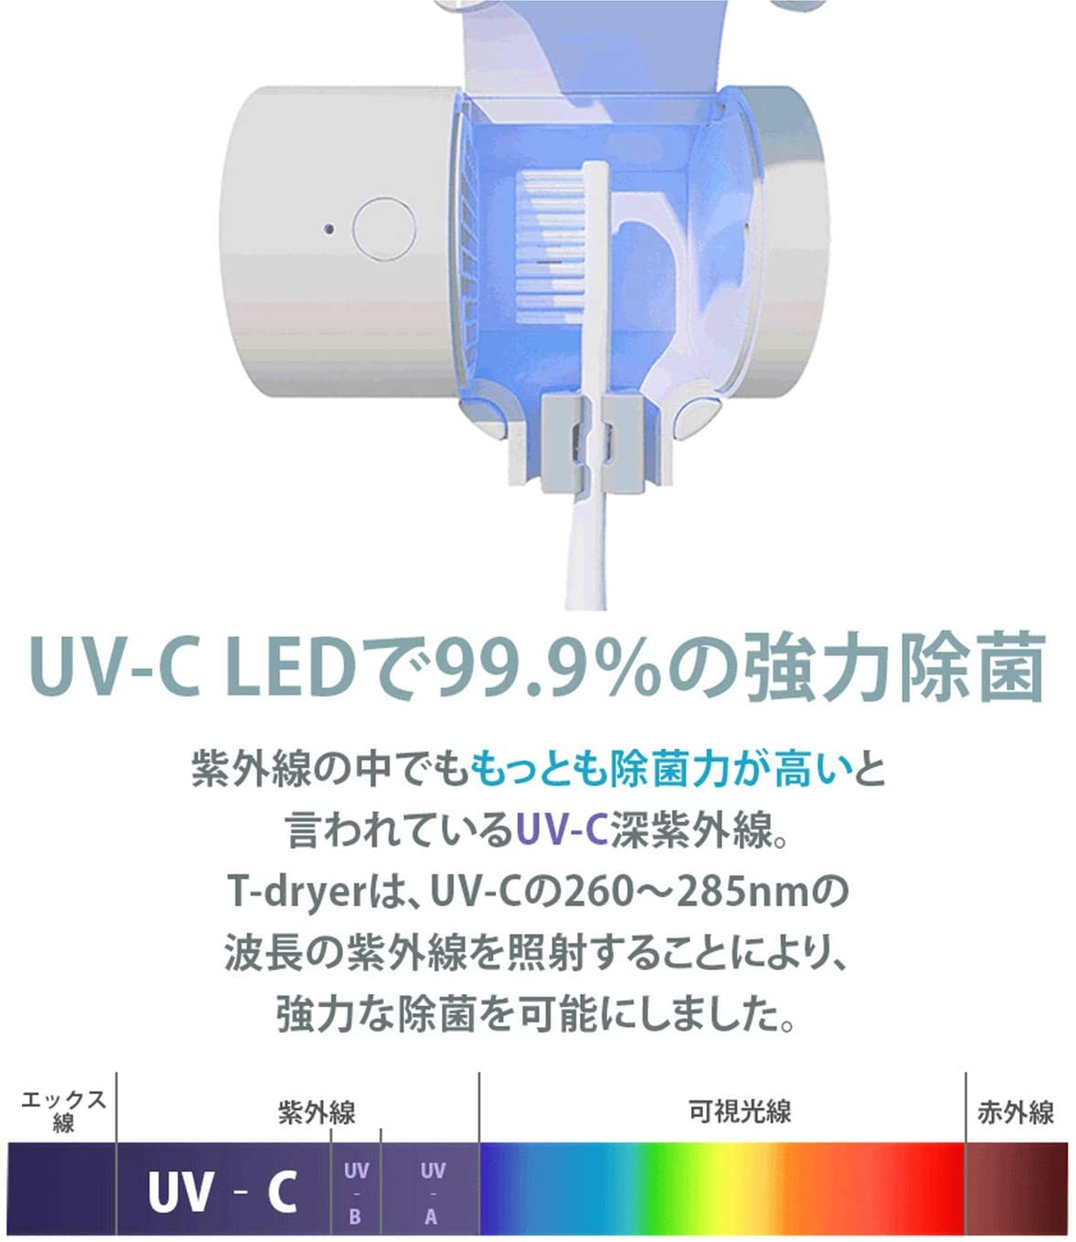 CLEAND(クリーンディー) 歯ブラシUV除菌乾燥機 T-dryer CL-401の商品画像5